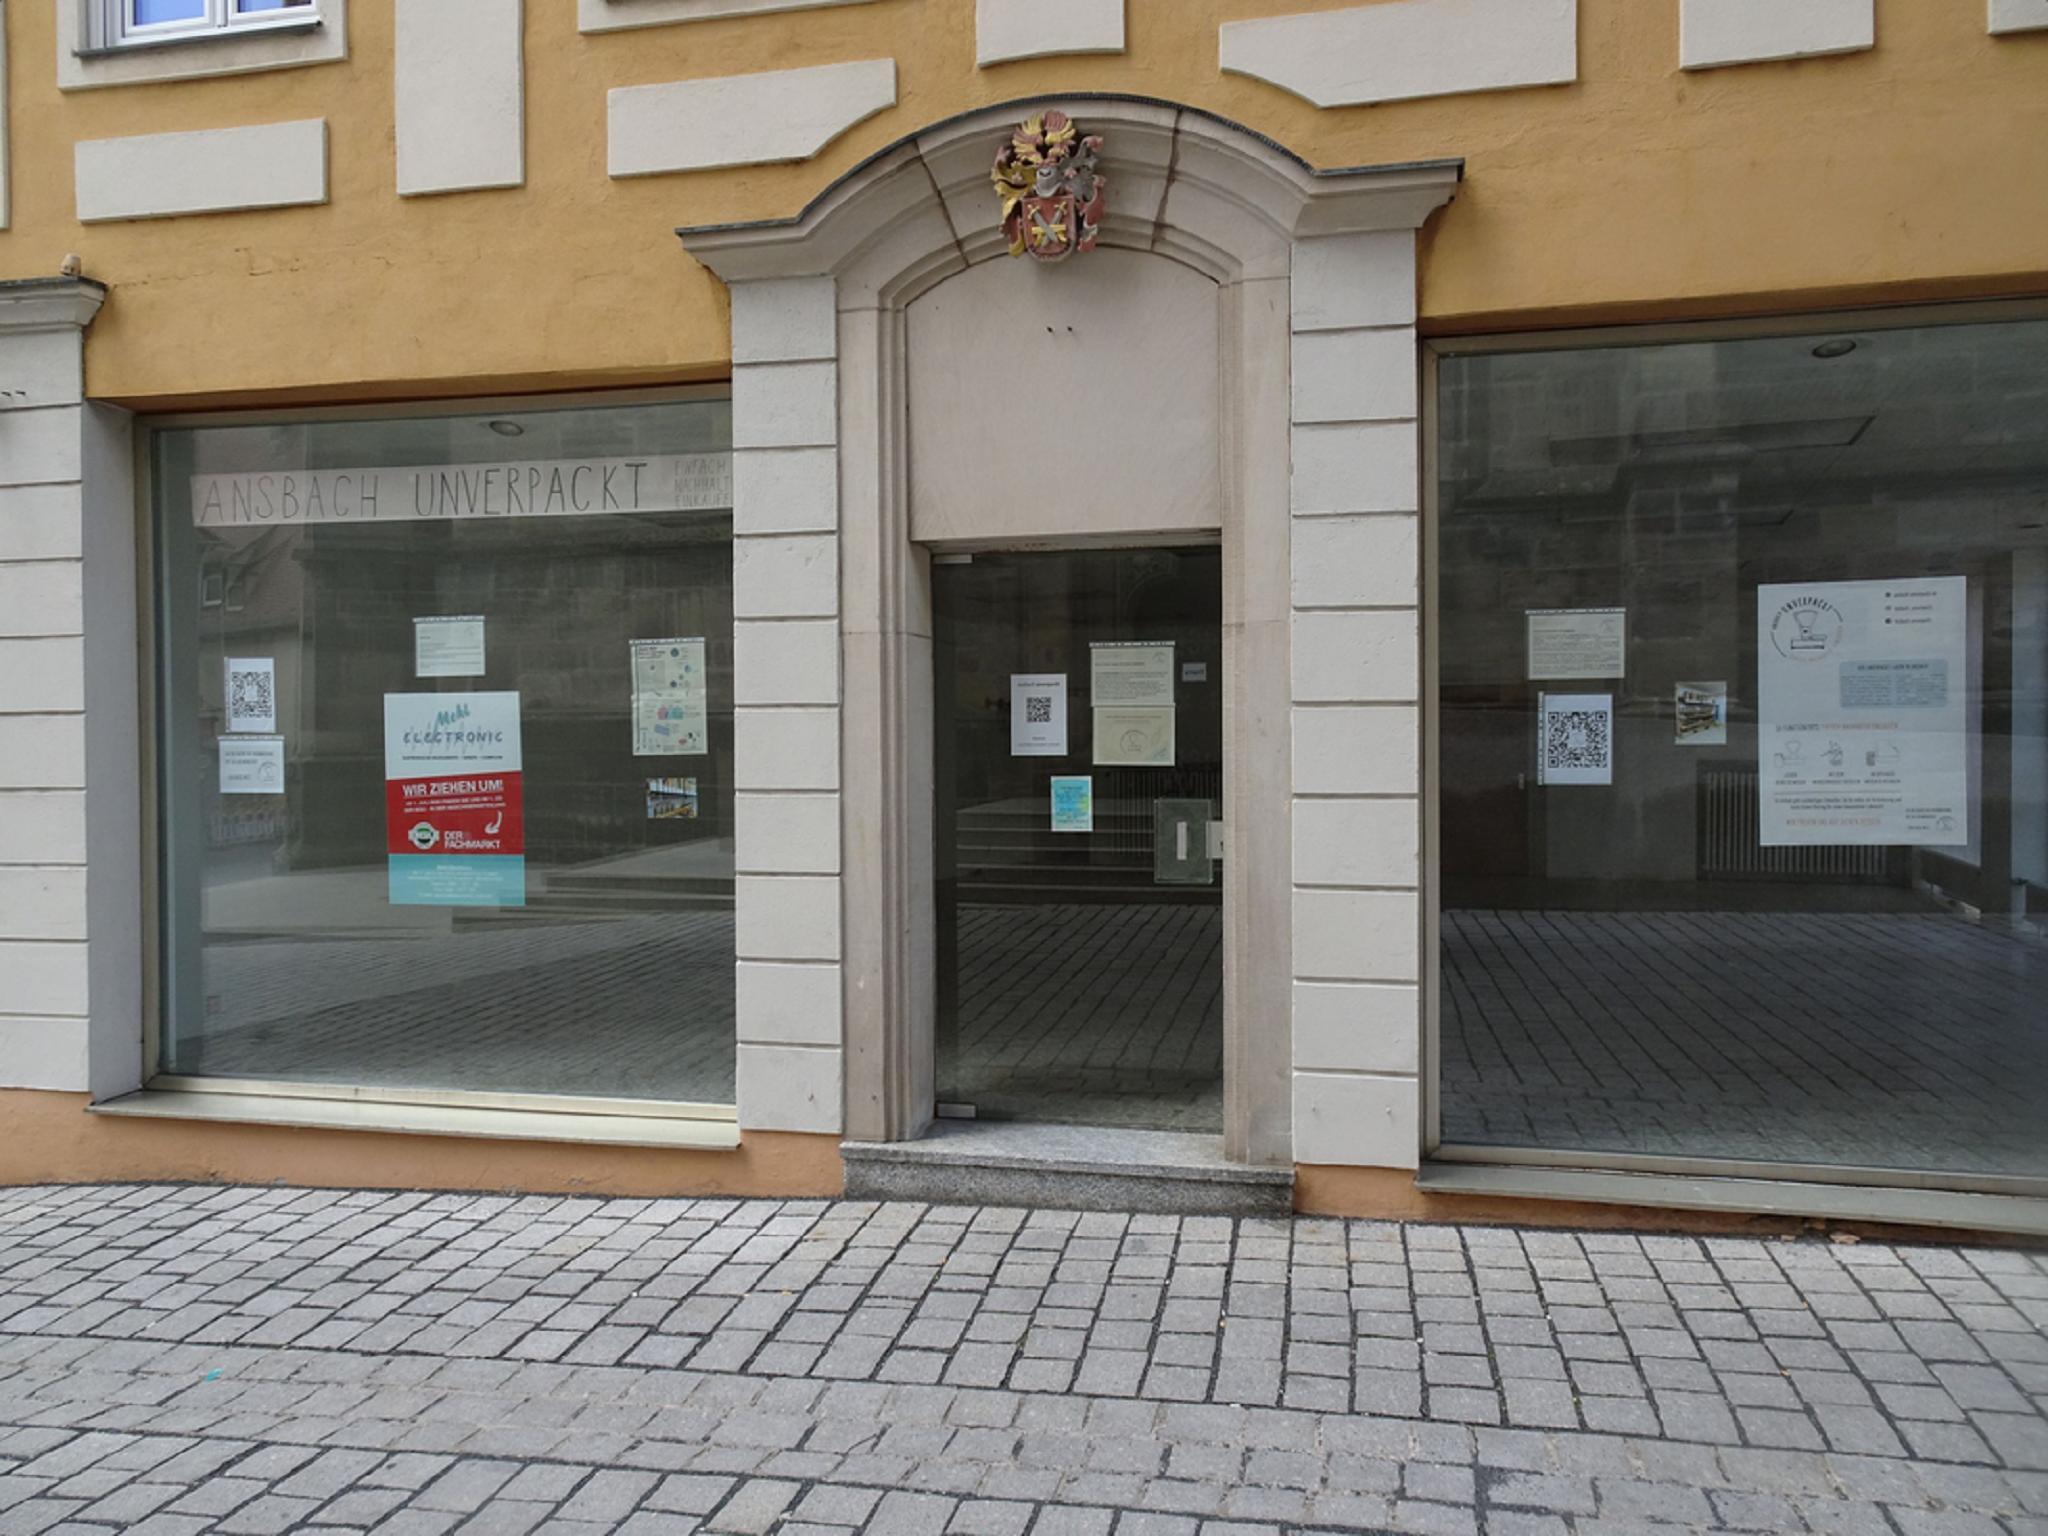 Hier soll der neue Unverpackt-Laden in Ansbach eröffnet werden. Foto: Sarah Robinson